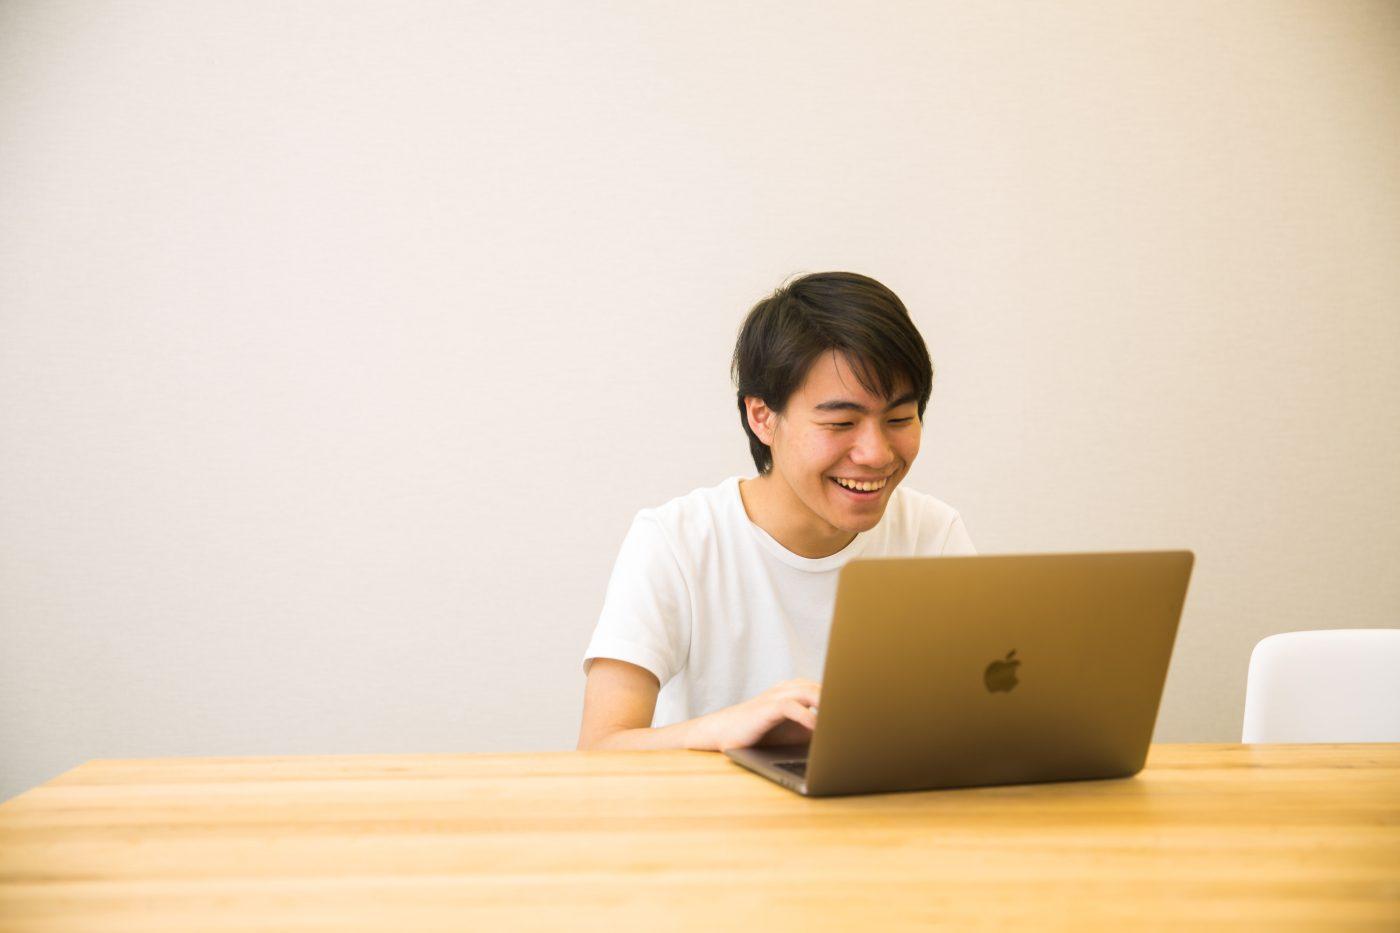 """6歳のときに初めてパソコンに触れた山内氏。10歳で独学でプロミングを習得し、中学生の頃にはスタートアップでの就業経験を積む。すでに業界内では""""天才プログラマー""""の異名を勝ち取っていた。"""